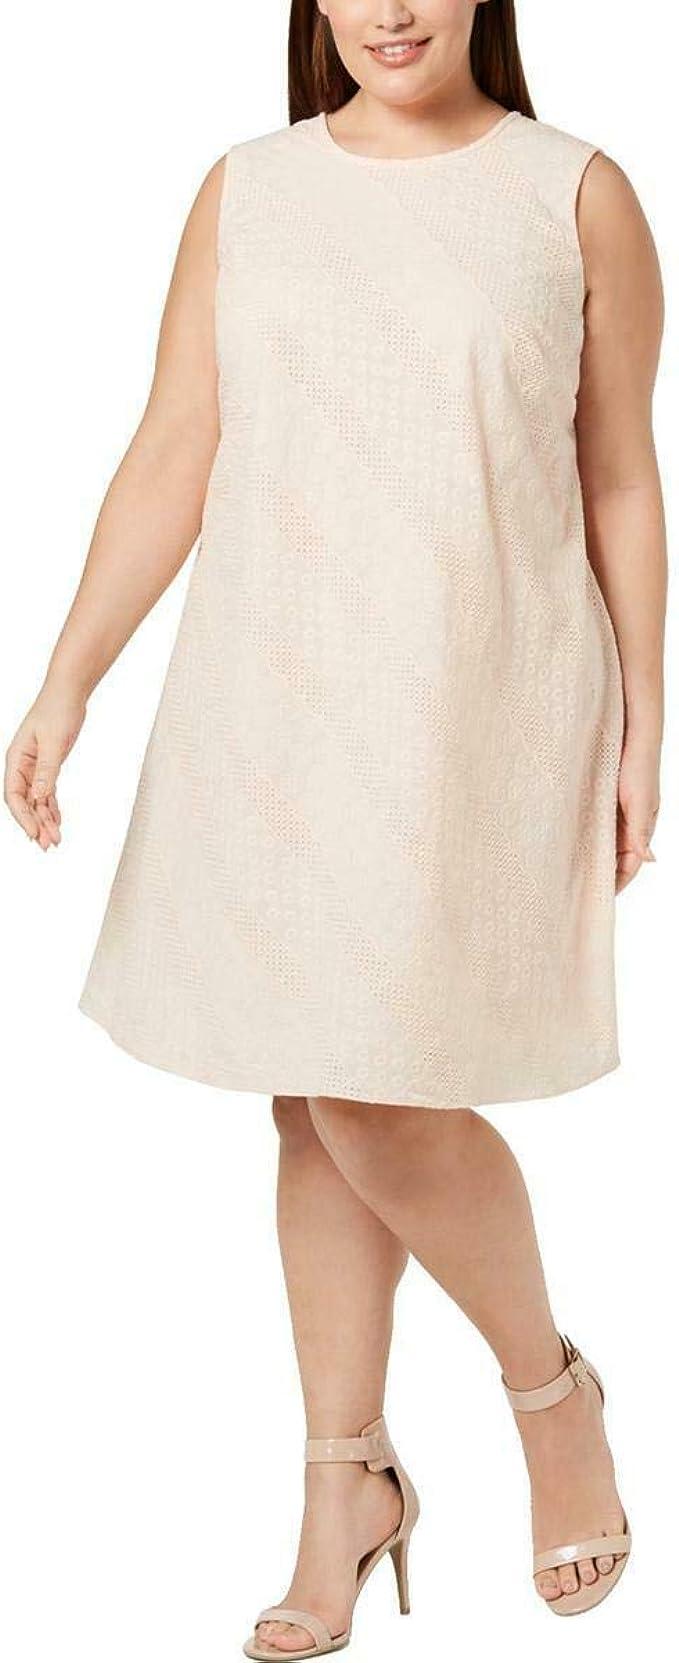 Calvin Klein Damen Plus Size Sleeveless Round Neck Trapeze Dress ...